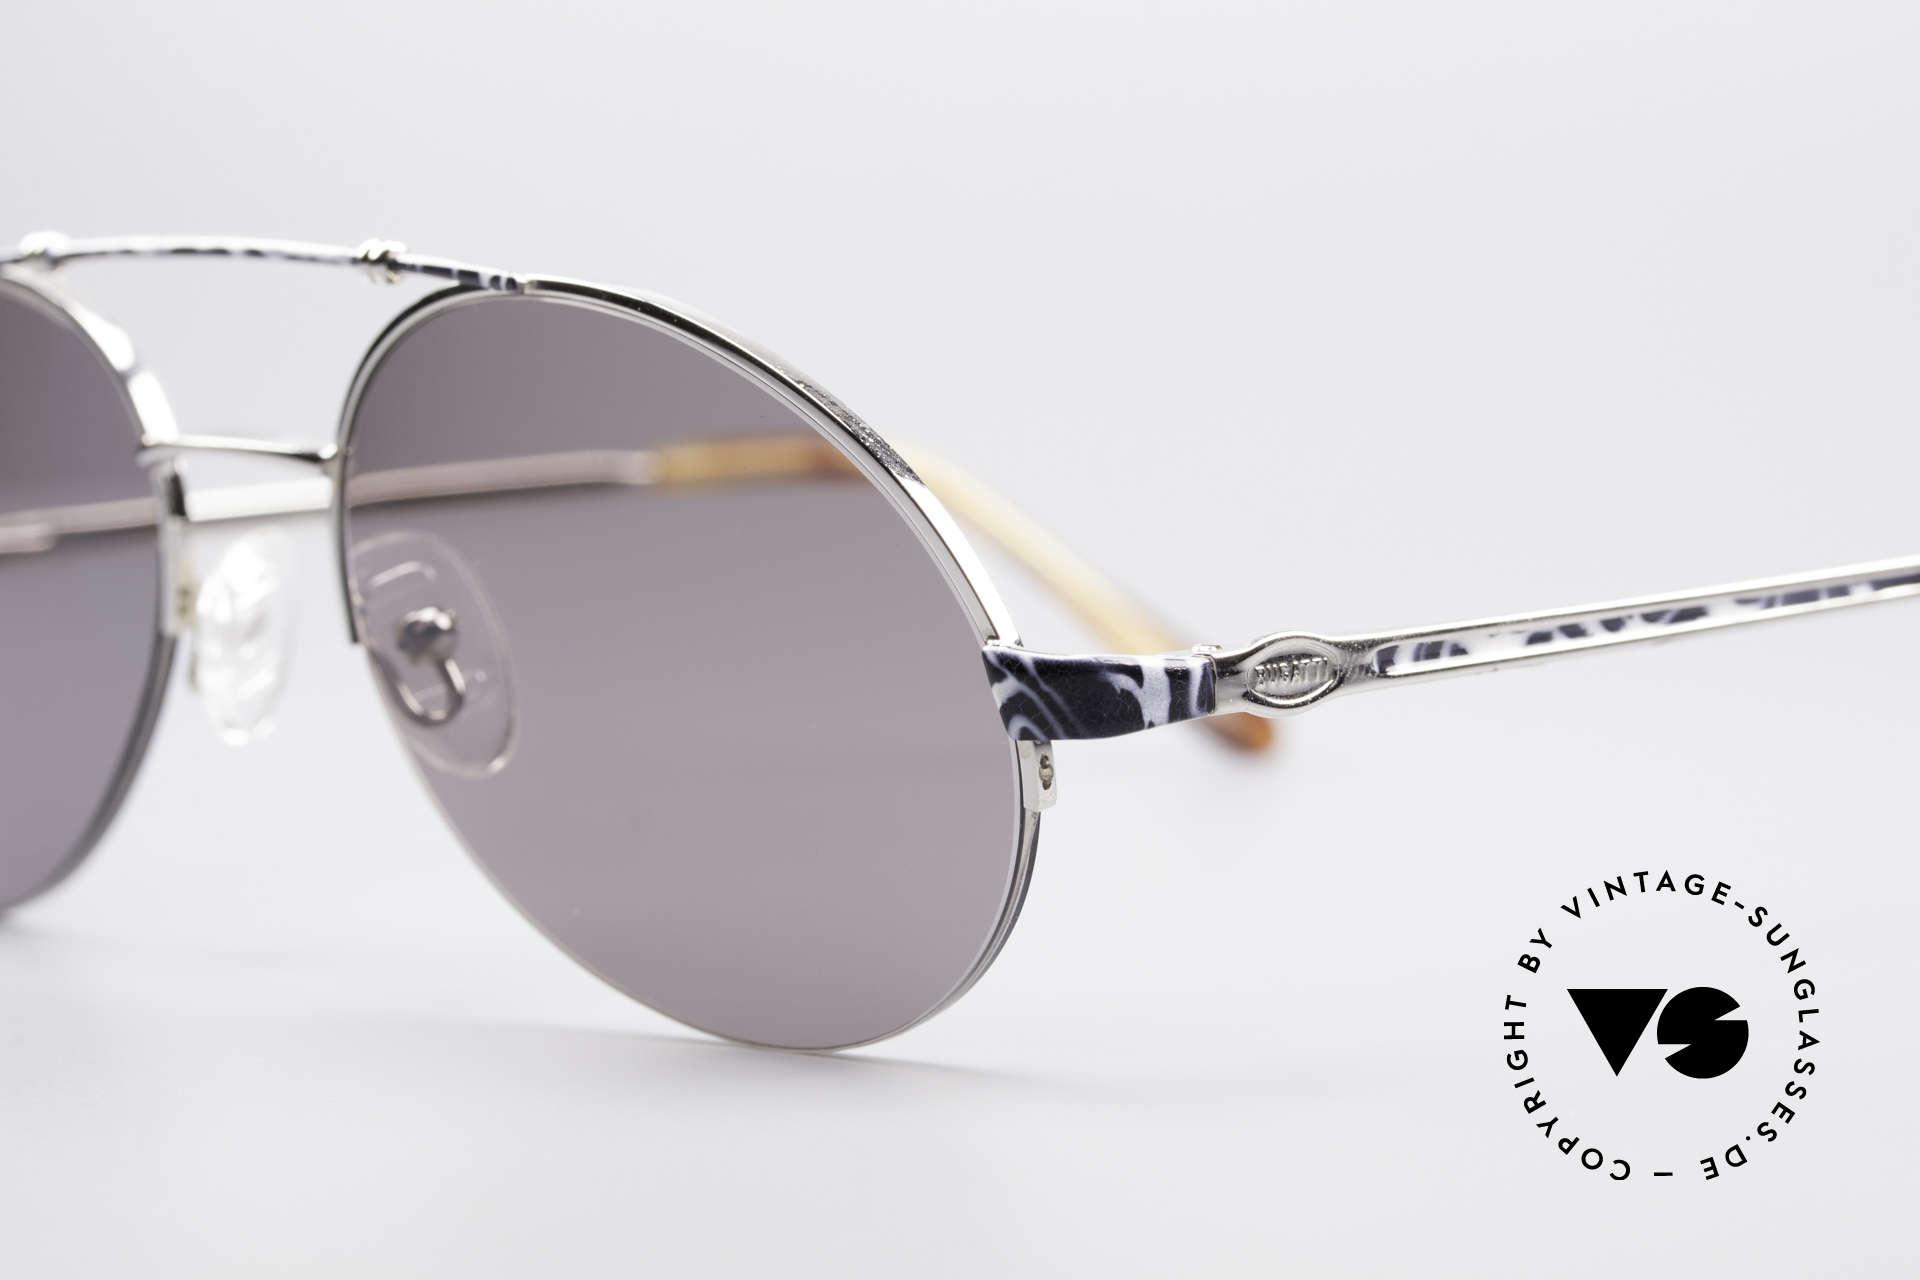 Bugatti 14651 90er Vintage Herrenbrille, edle Federgelenke & Premium-Verarbeitung (100% UV), Passend für Herren